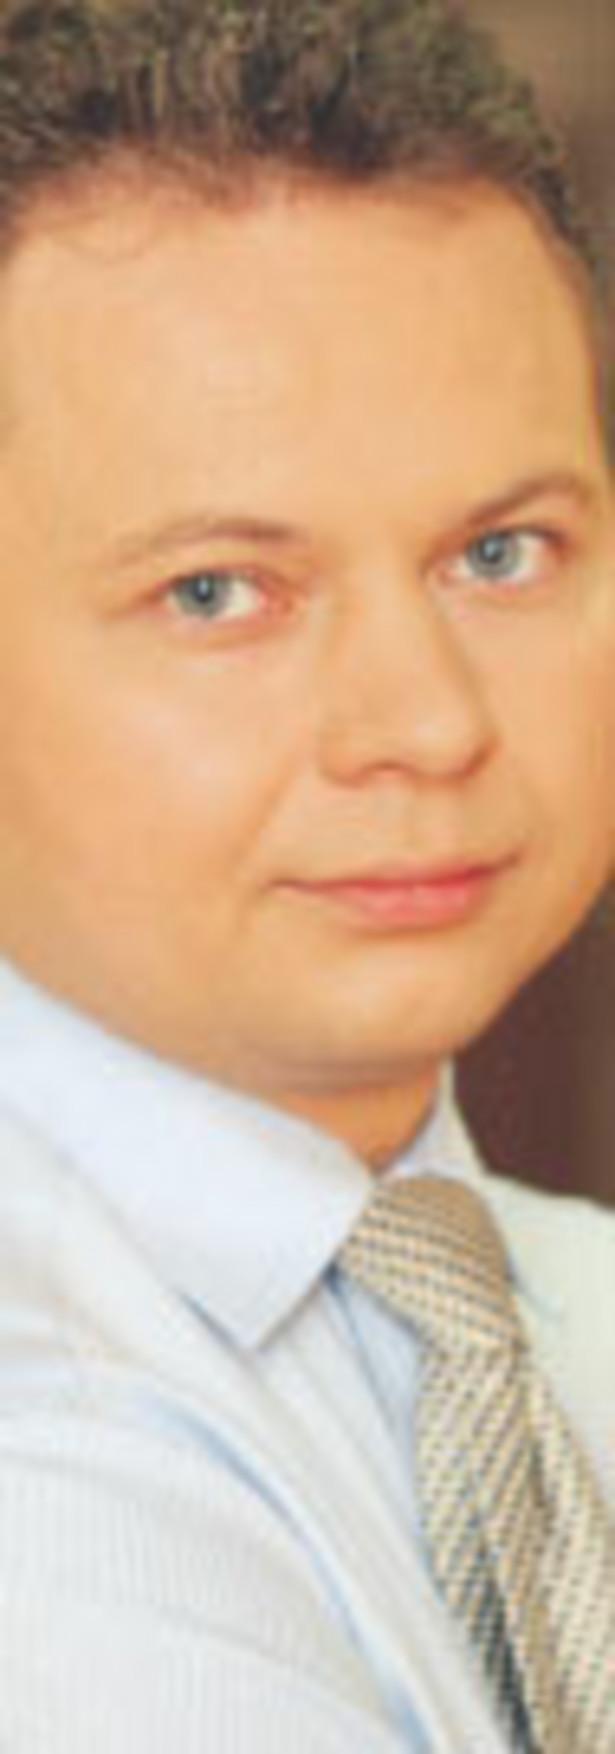 Robert Gago, radca prawny, szef Praktyki Prawa Konkurencji w Kancelarii Lovells